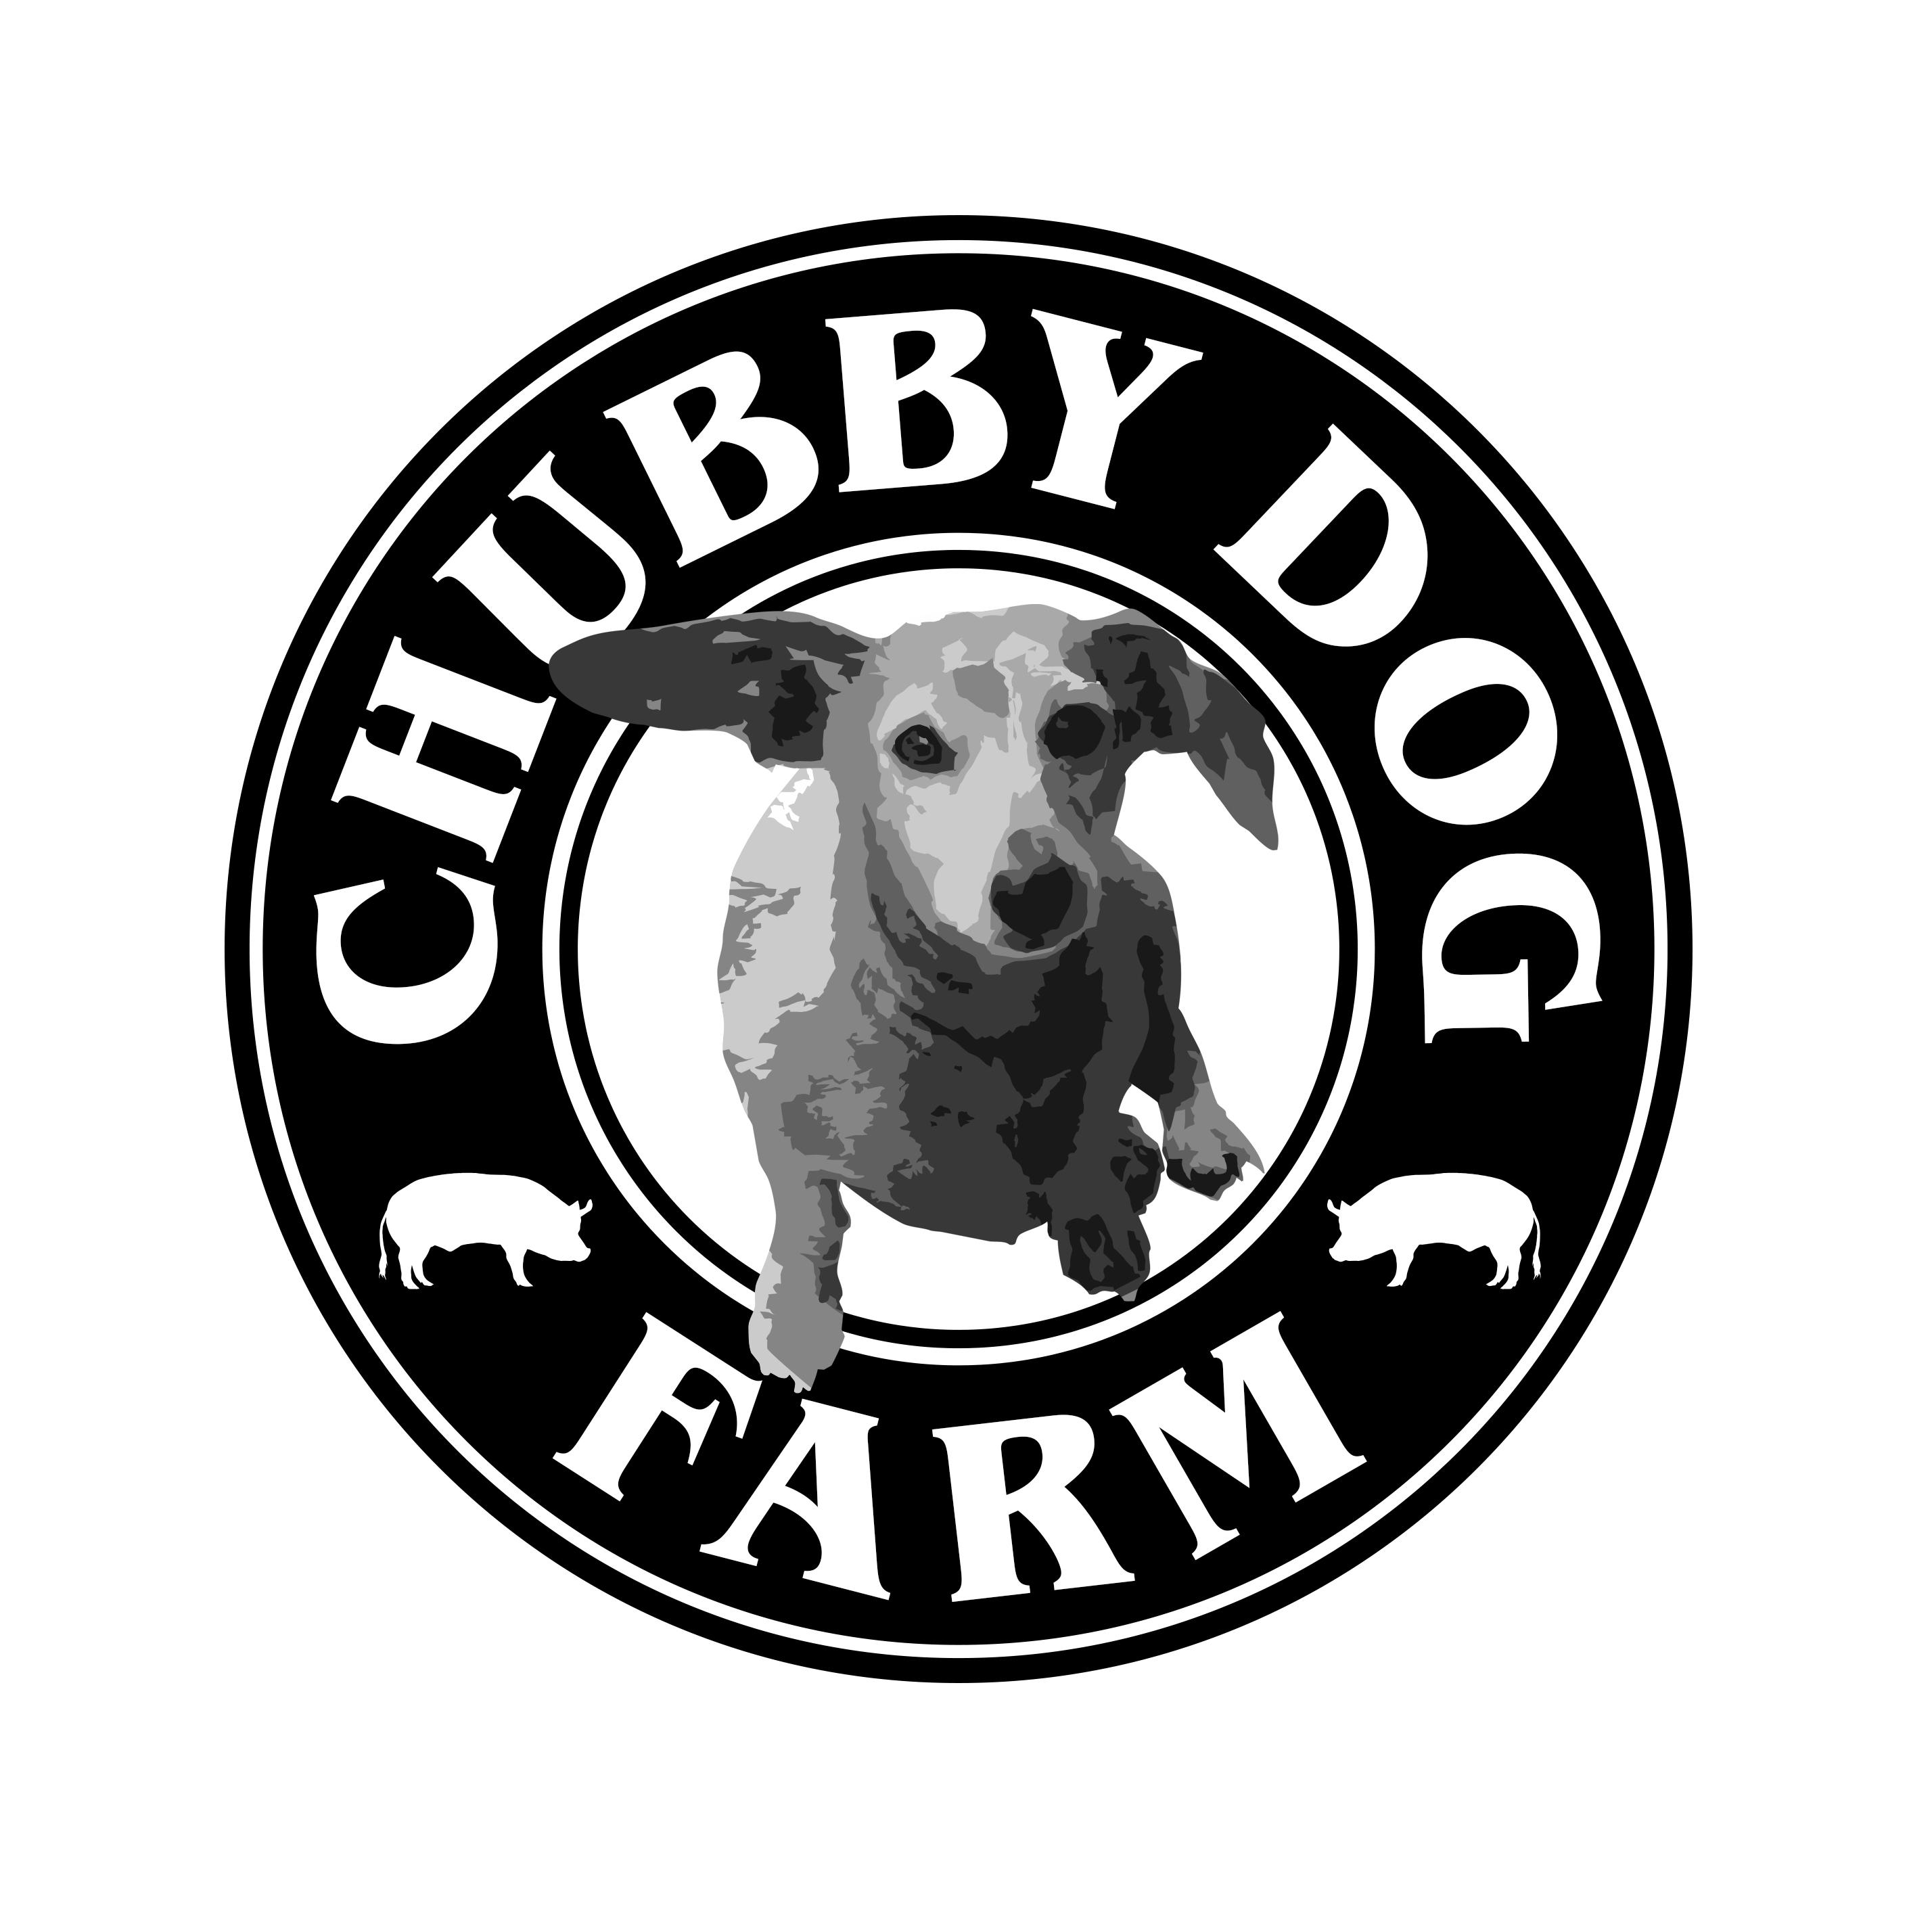 Chubby Dog Farm